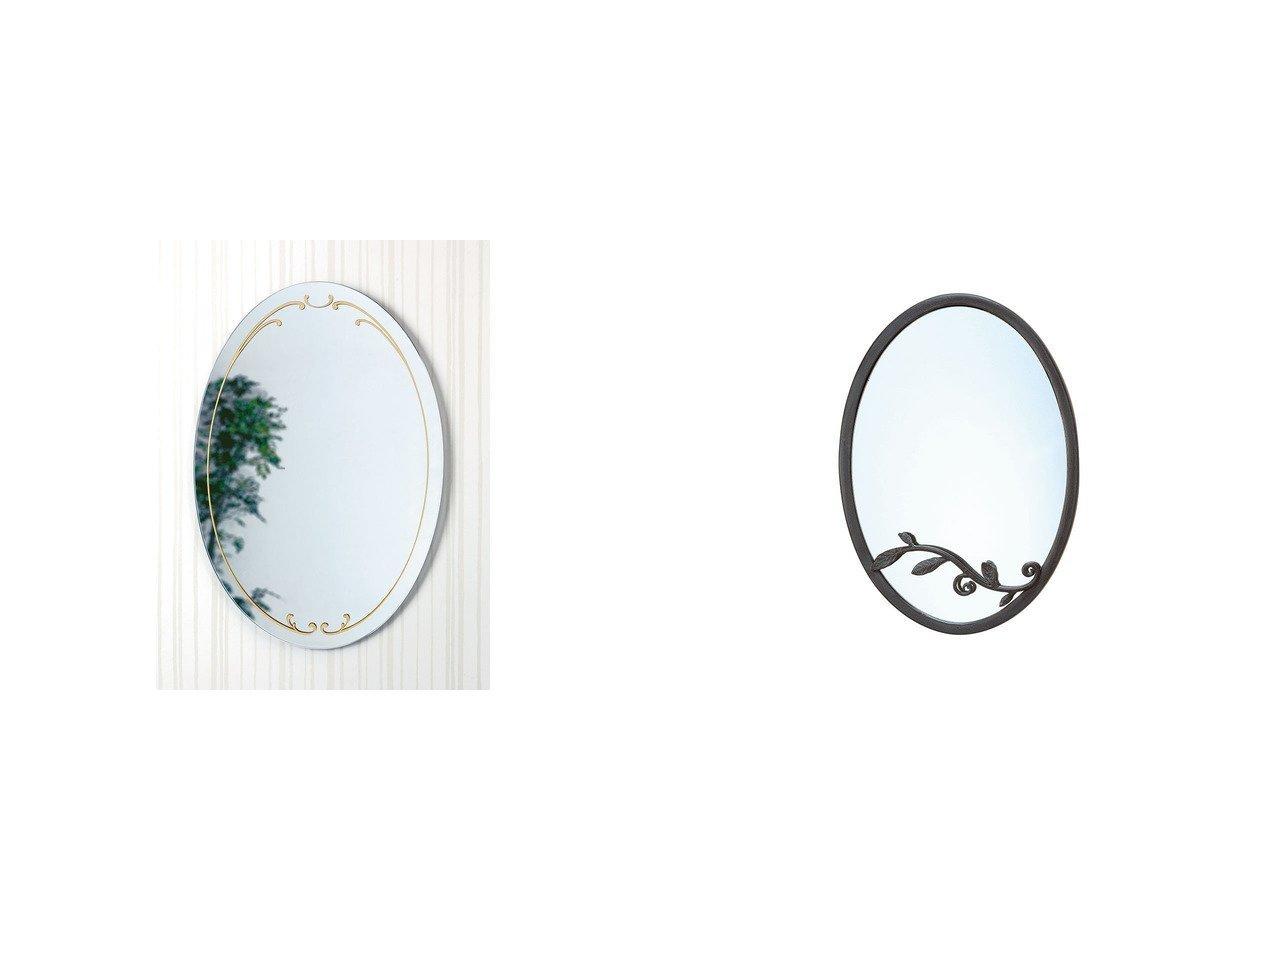 【FLYMEe Blanc/フライミー ブラン】のウォールミラー m7775&ウォールミラー m7727 【FURNITURE】おすすめ!人気、インテリア雑貨・家具の通販 おすすめで人気の流行・トレンド、ファッションの通販商品 インテリア・家具・メンズファッション・キッズファッション・レディースファッション・服の通販 founy(ファニー) https://founy.com/ 送料無料 Free Shipping エレガント クラシカル モチーフ ホーム・キャンプ・アウトドア Home,Garden,Outdoor,Camping Gear 家具・インテリア Furniture ミラー・ドレッサー Mirror ミラー・鏡 ホーム・キャンプ・アウトドア Home,Garden,Outdoor,Camping Gear 家具・インテリア Furniture ミラー・ドレッサー Mirror ドレッサー  ID:crp329100000055494